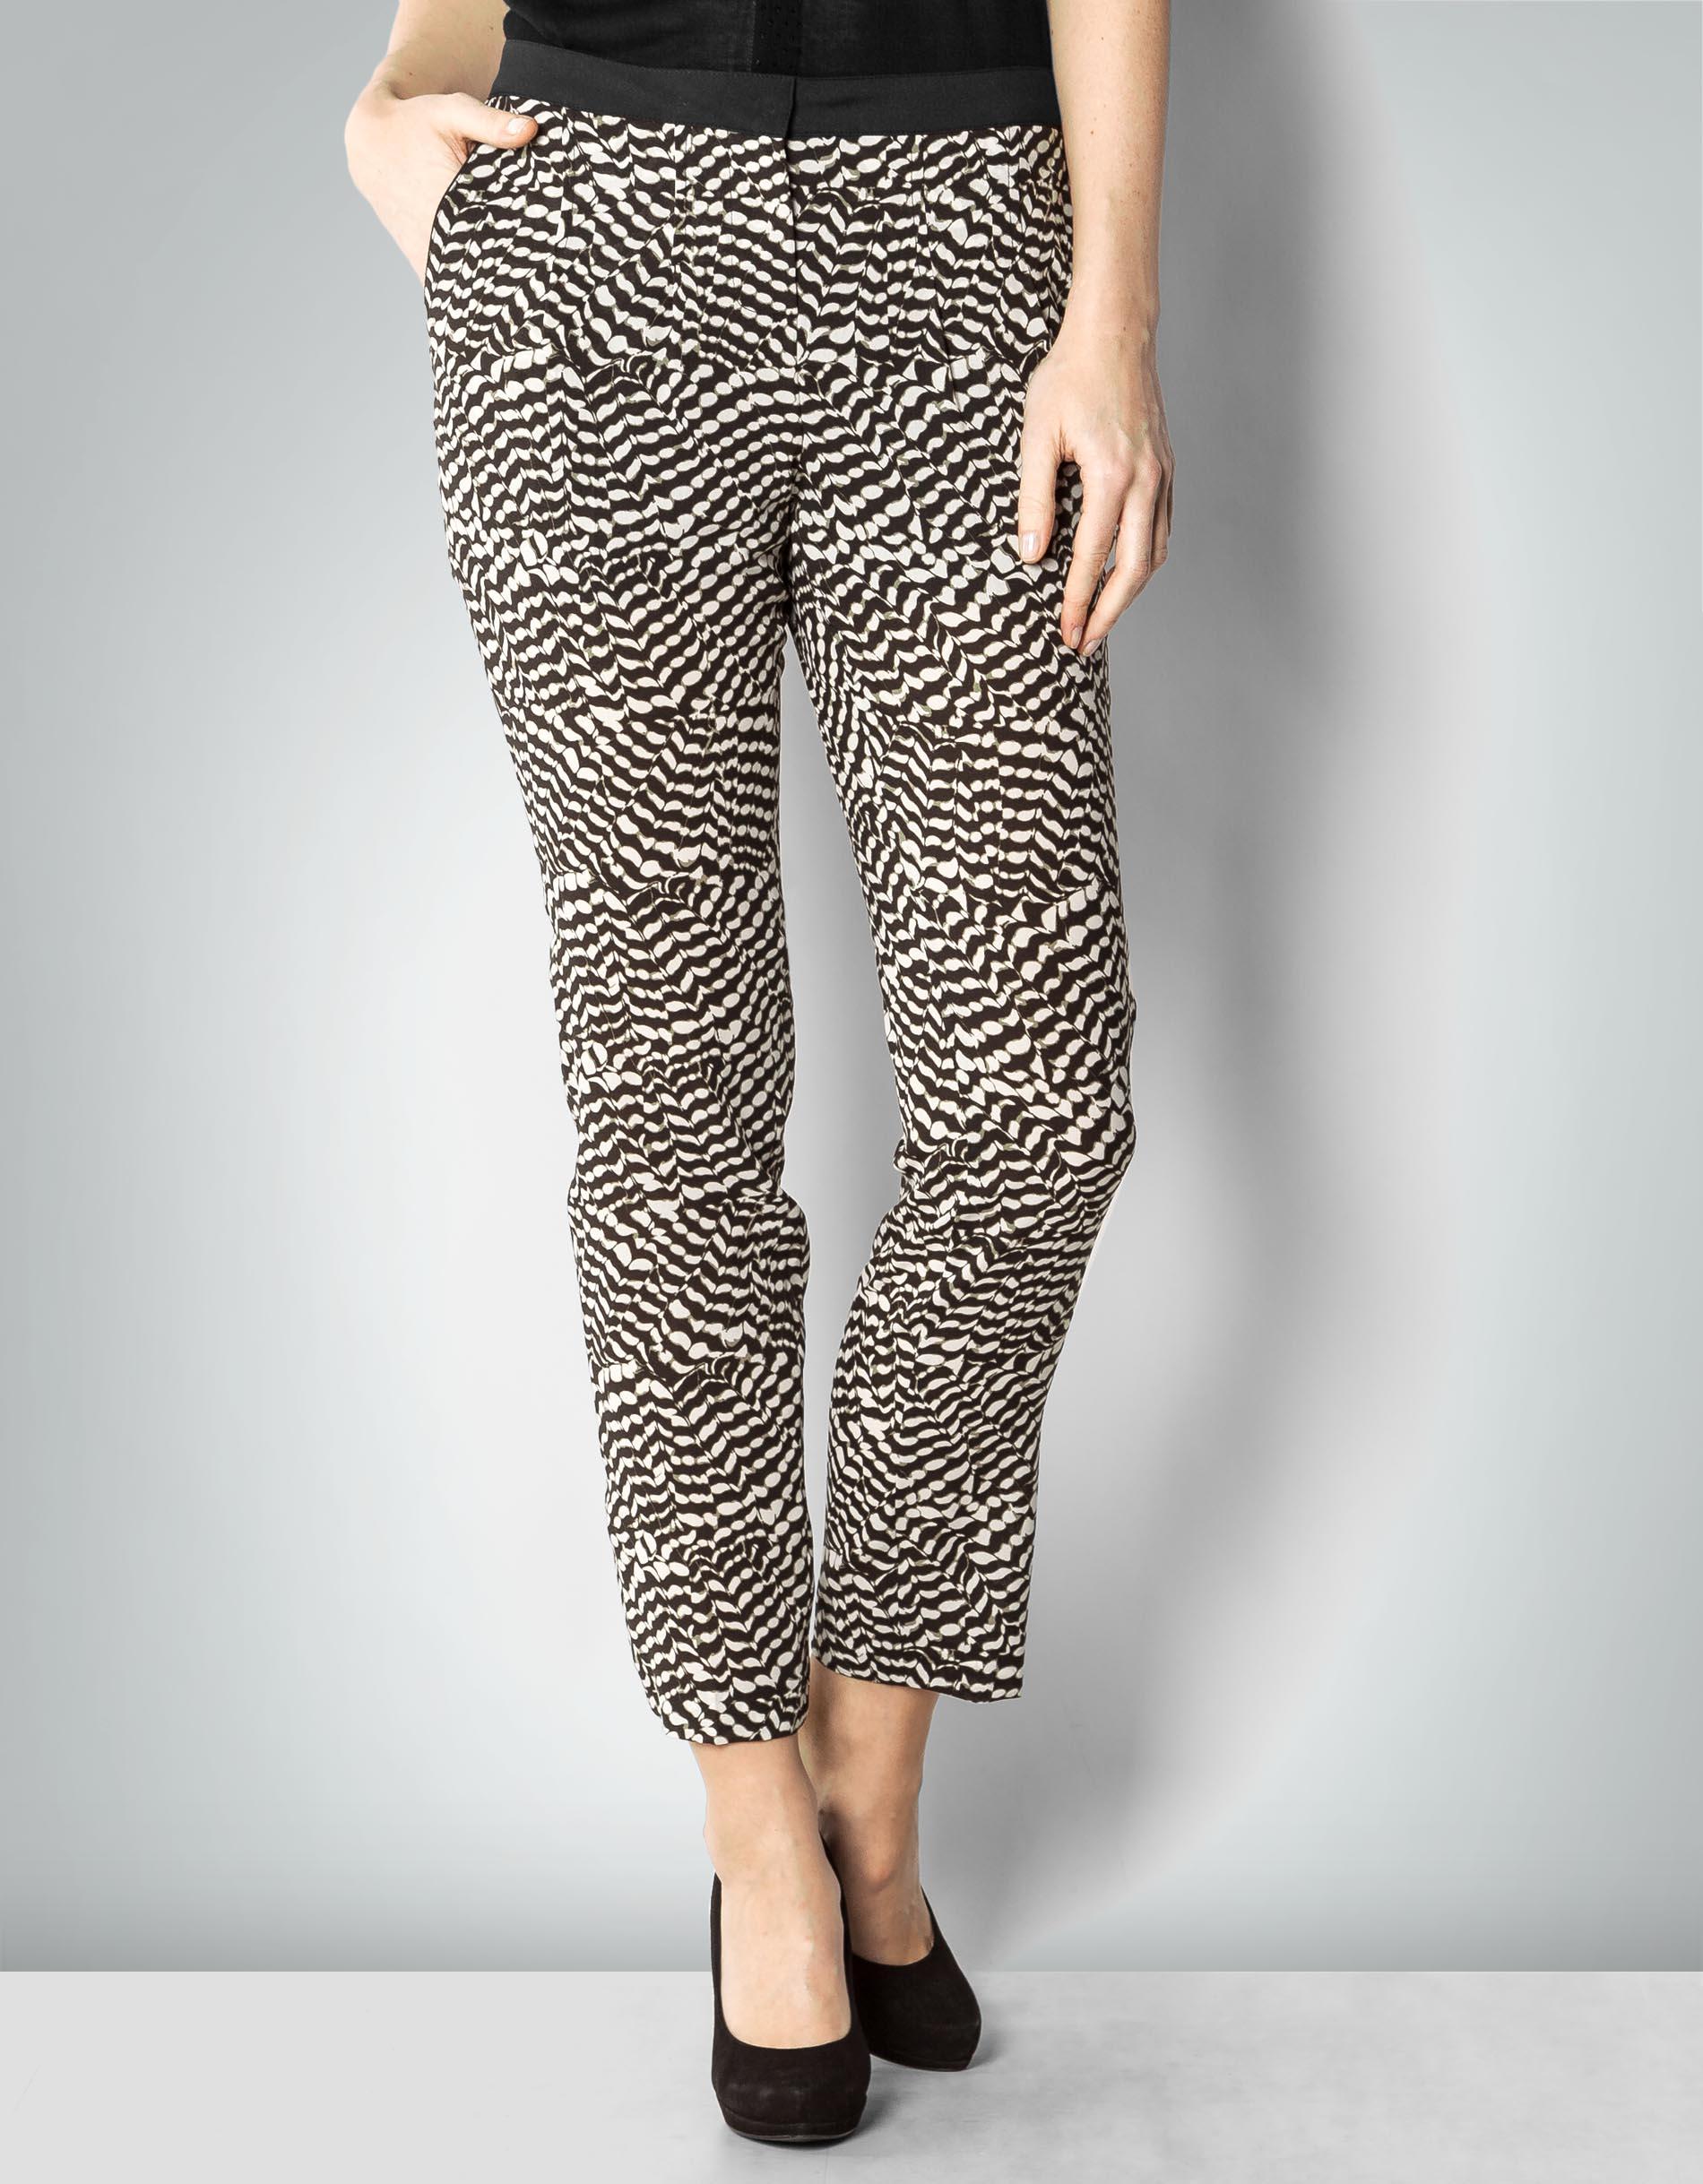 s oliver black label damen slim jeans 11701713901 schwarz grey black houndstooth 99a5 36 l32. Black Bedroom Furniture Sets. Home Design Ideas